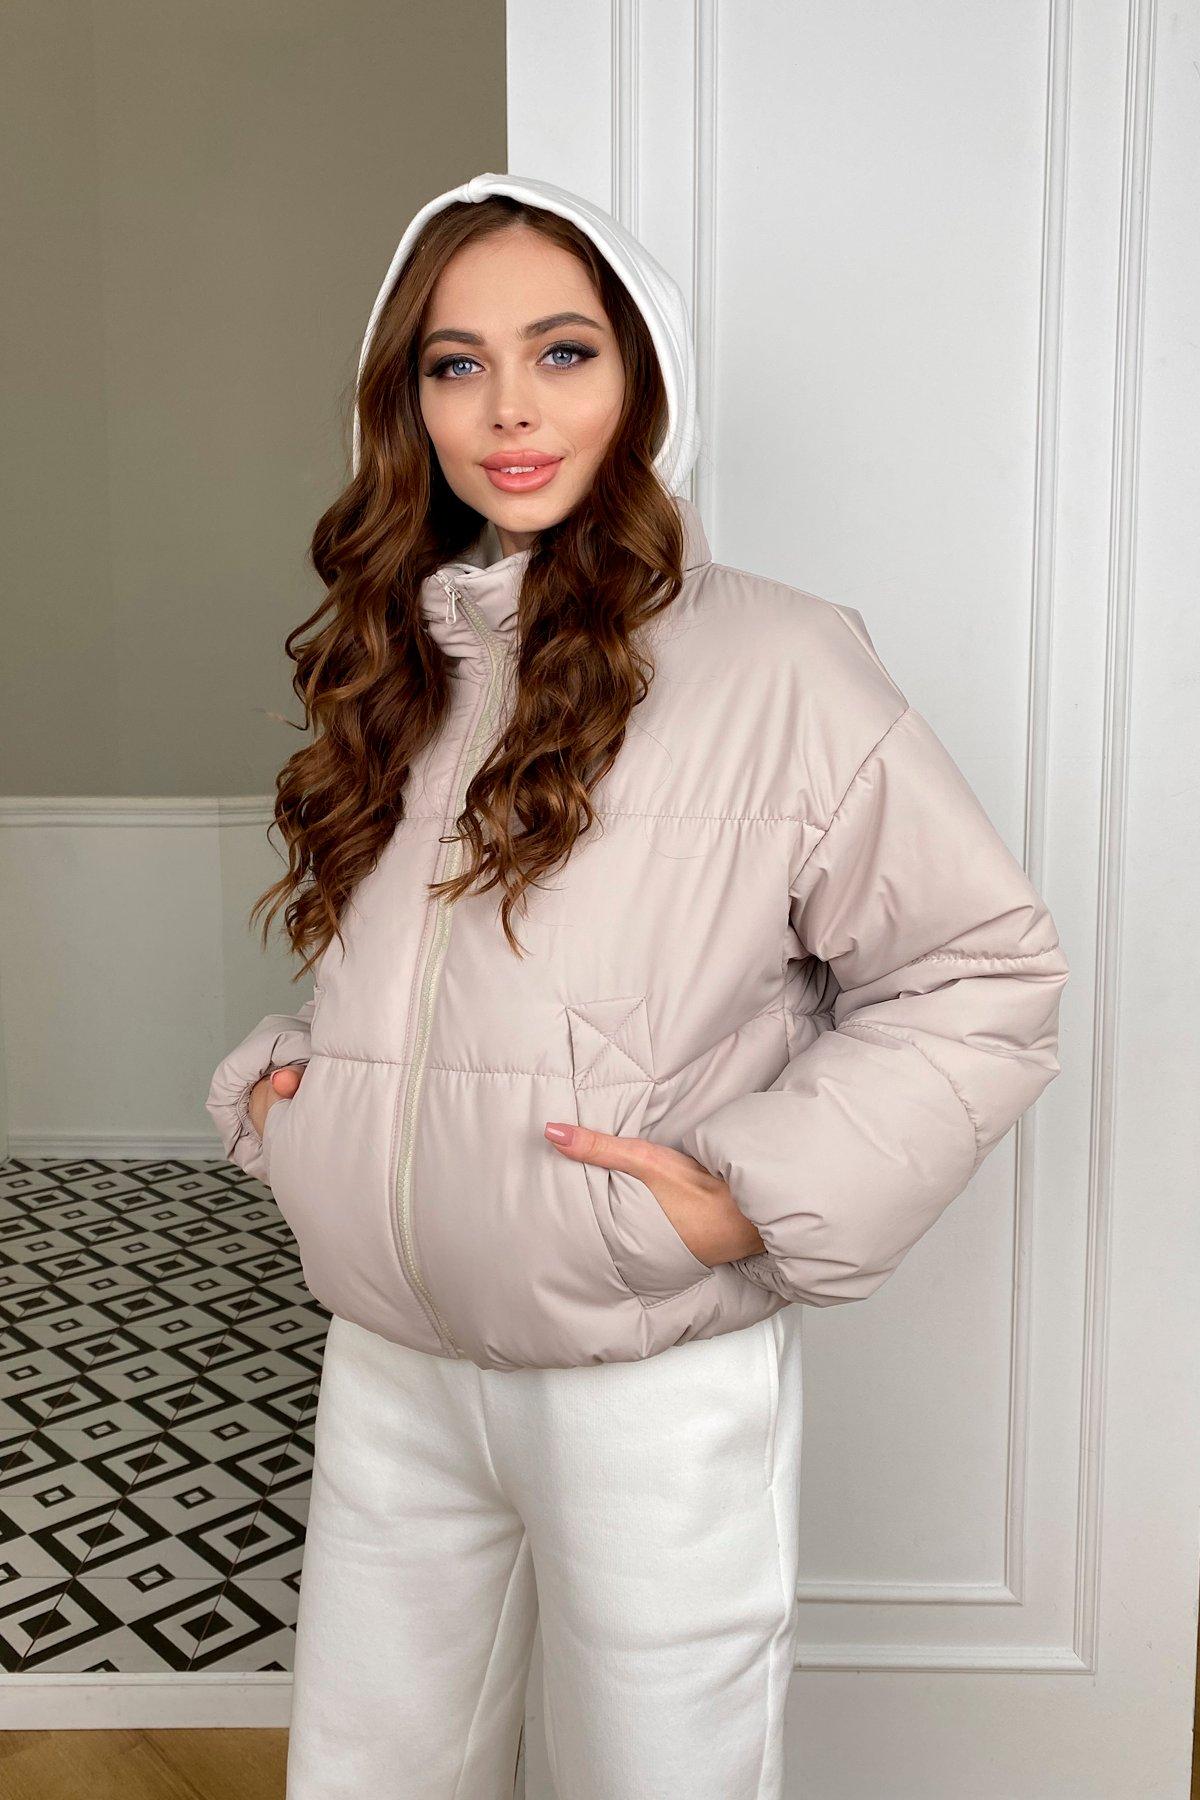 Драйв куртка из плащевой ткани 10448 АРТ. 46768 Цвет: Бежевый 511 - фото 4, интернет магазин tm-modus.ru